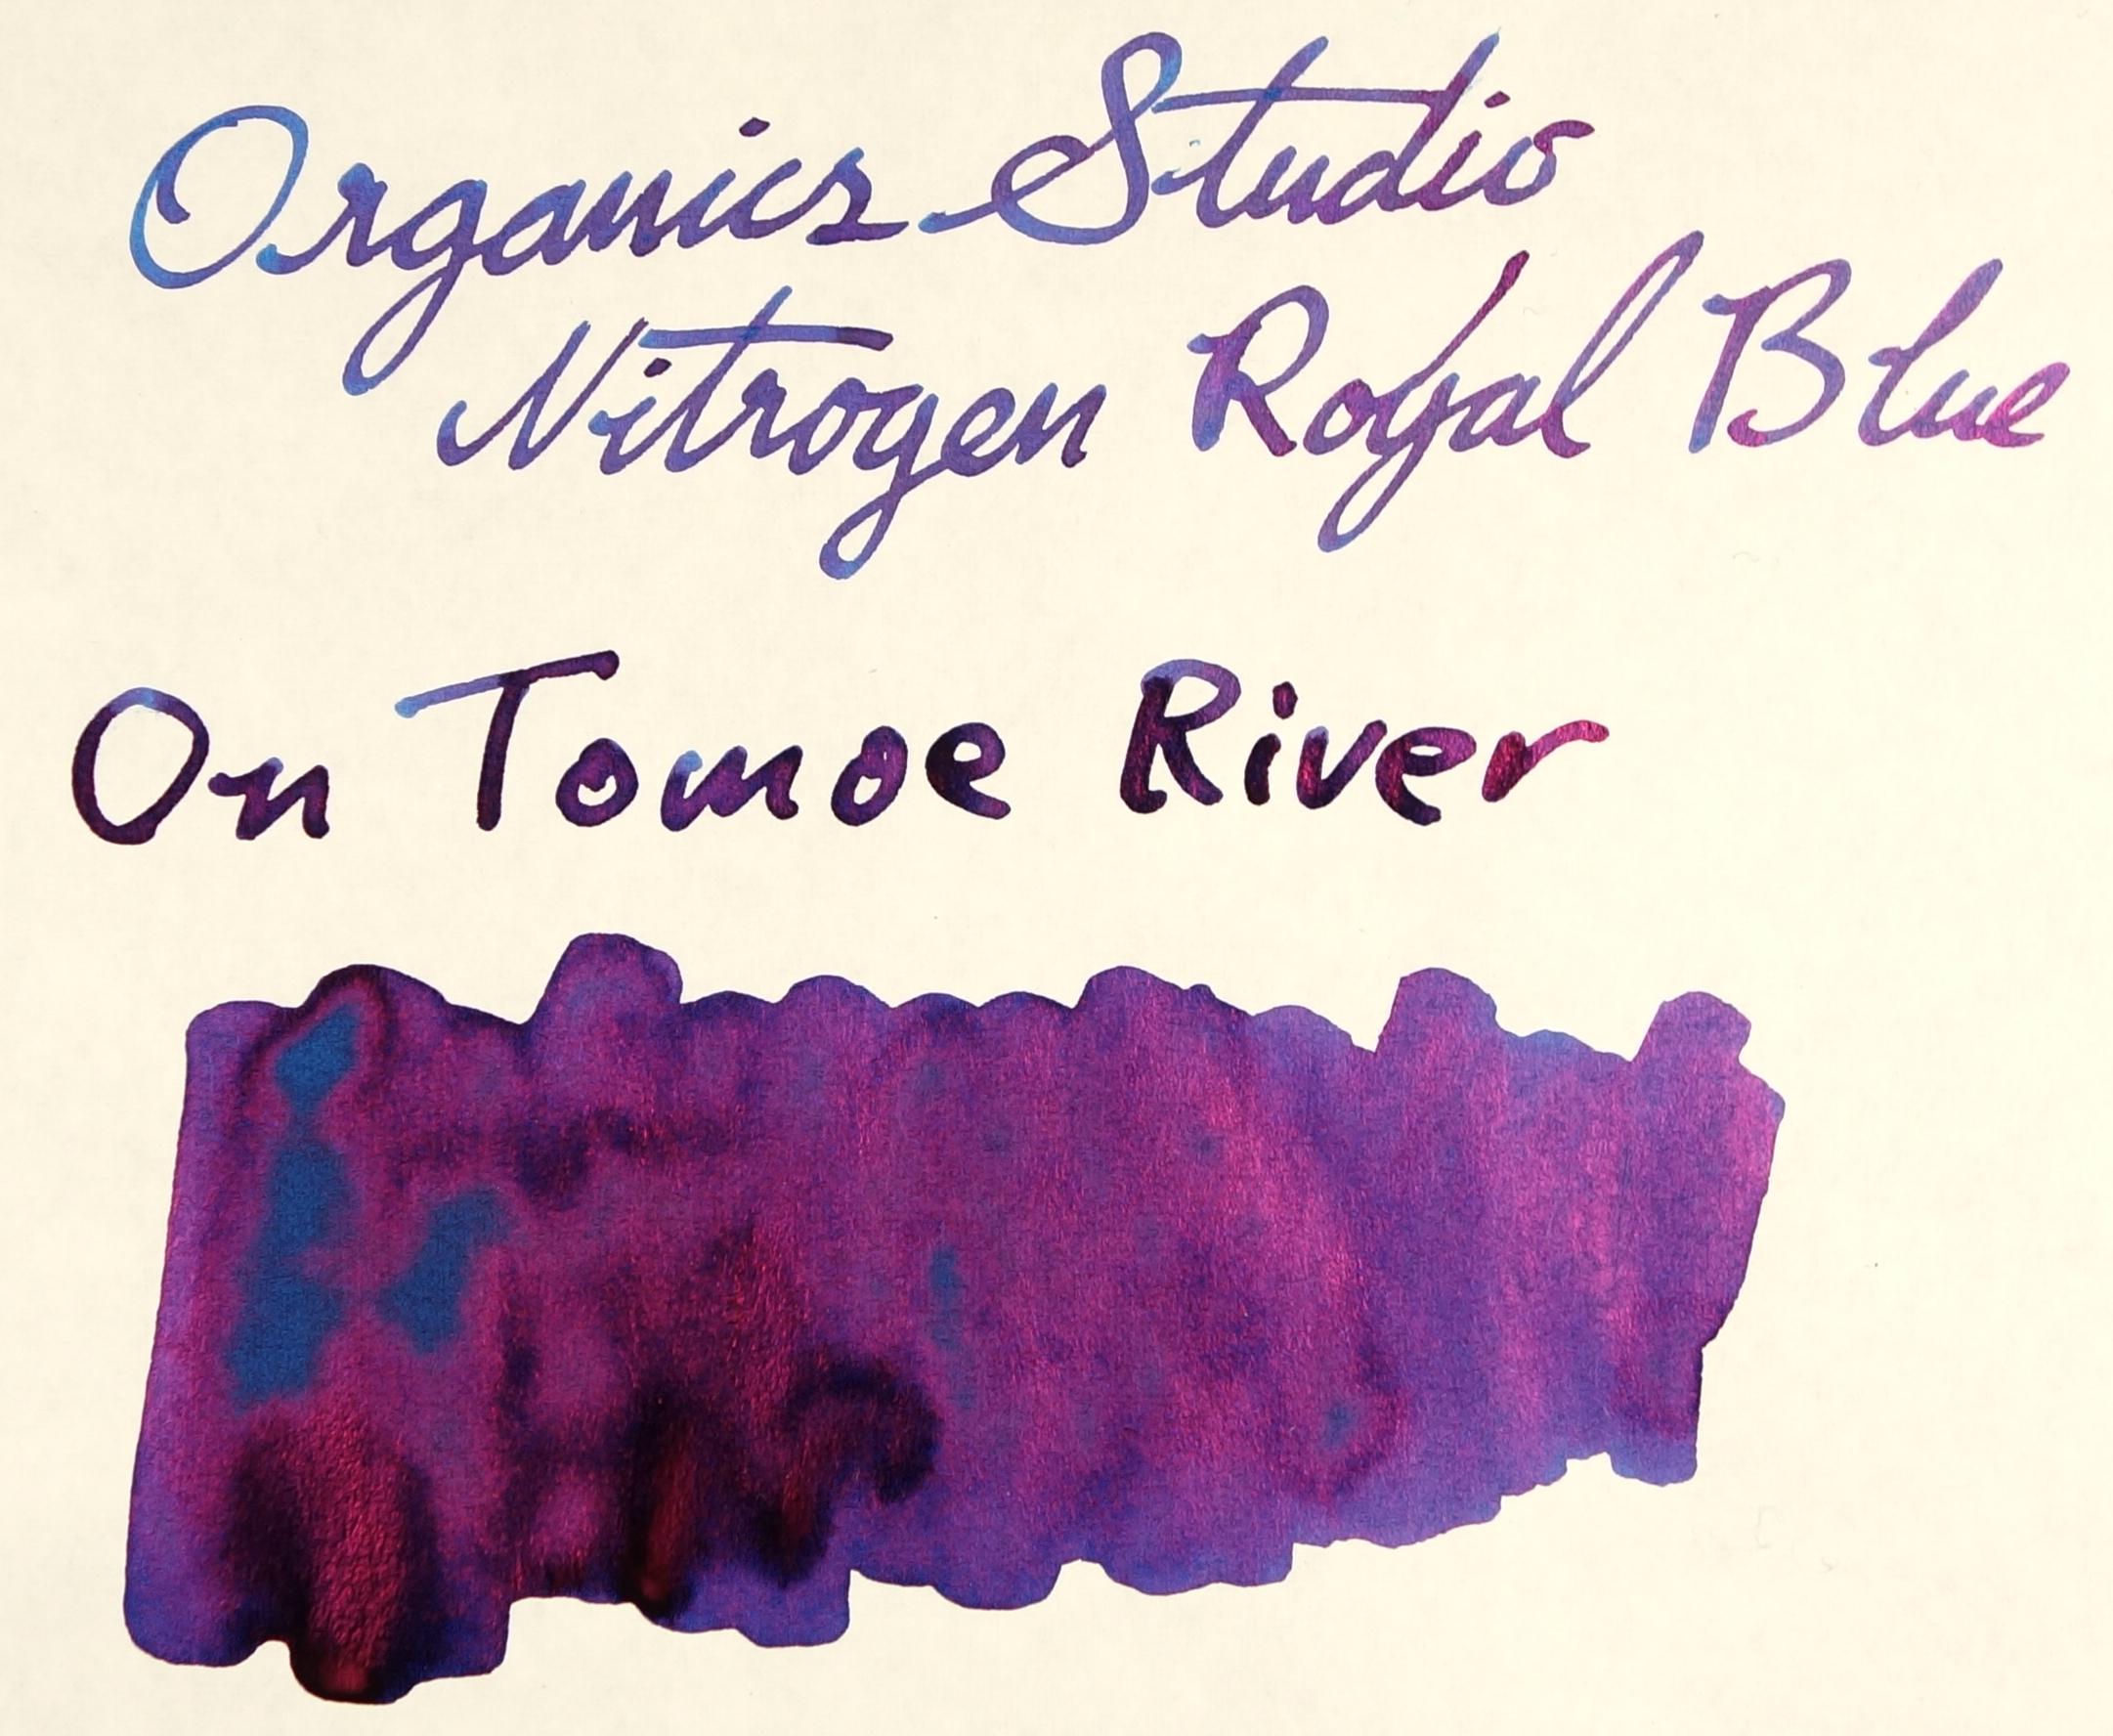 Tomoe River.jpg